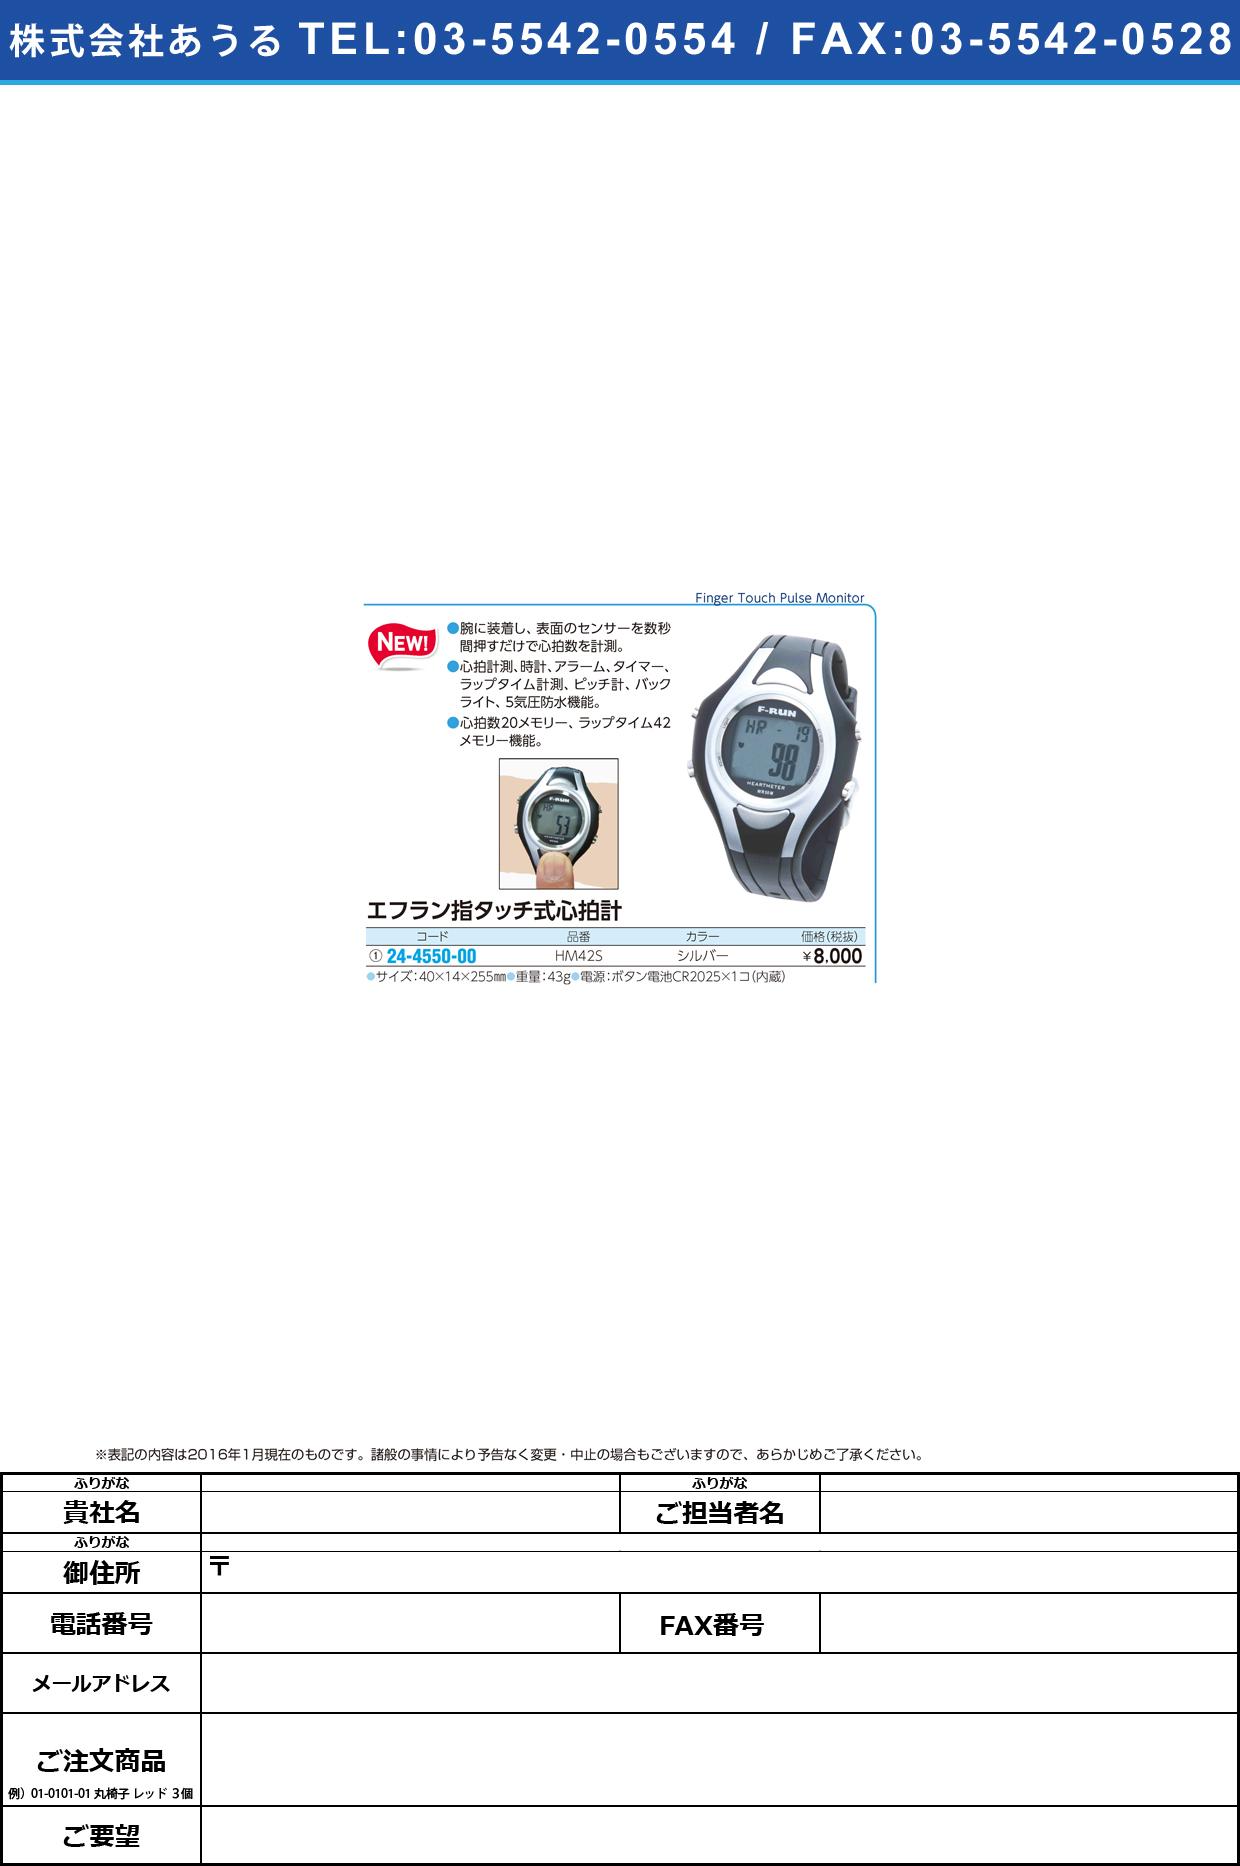 指タッチ式心拍計(ハートメーター)  ユビタッチシキシンパクケイ HM42S(シルバー)【1個単位】(24-4550-00)